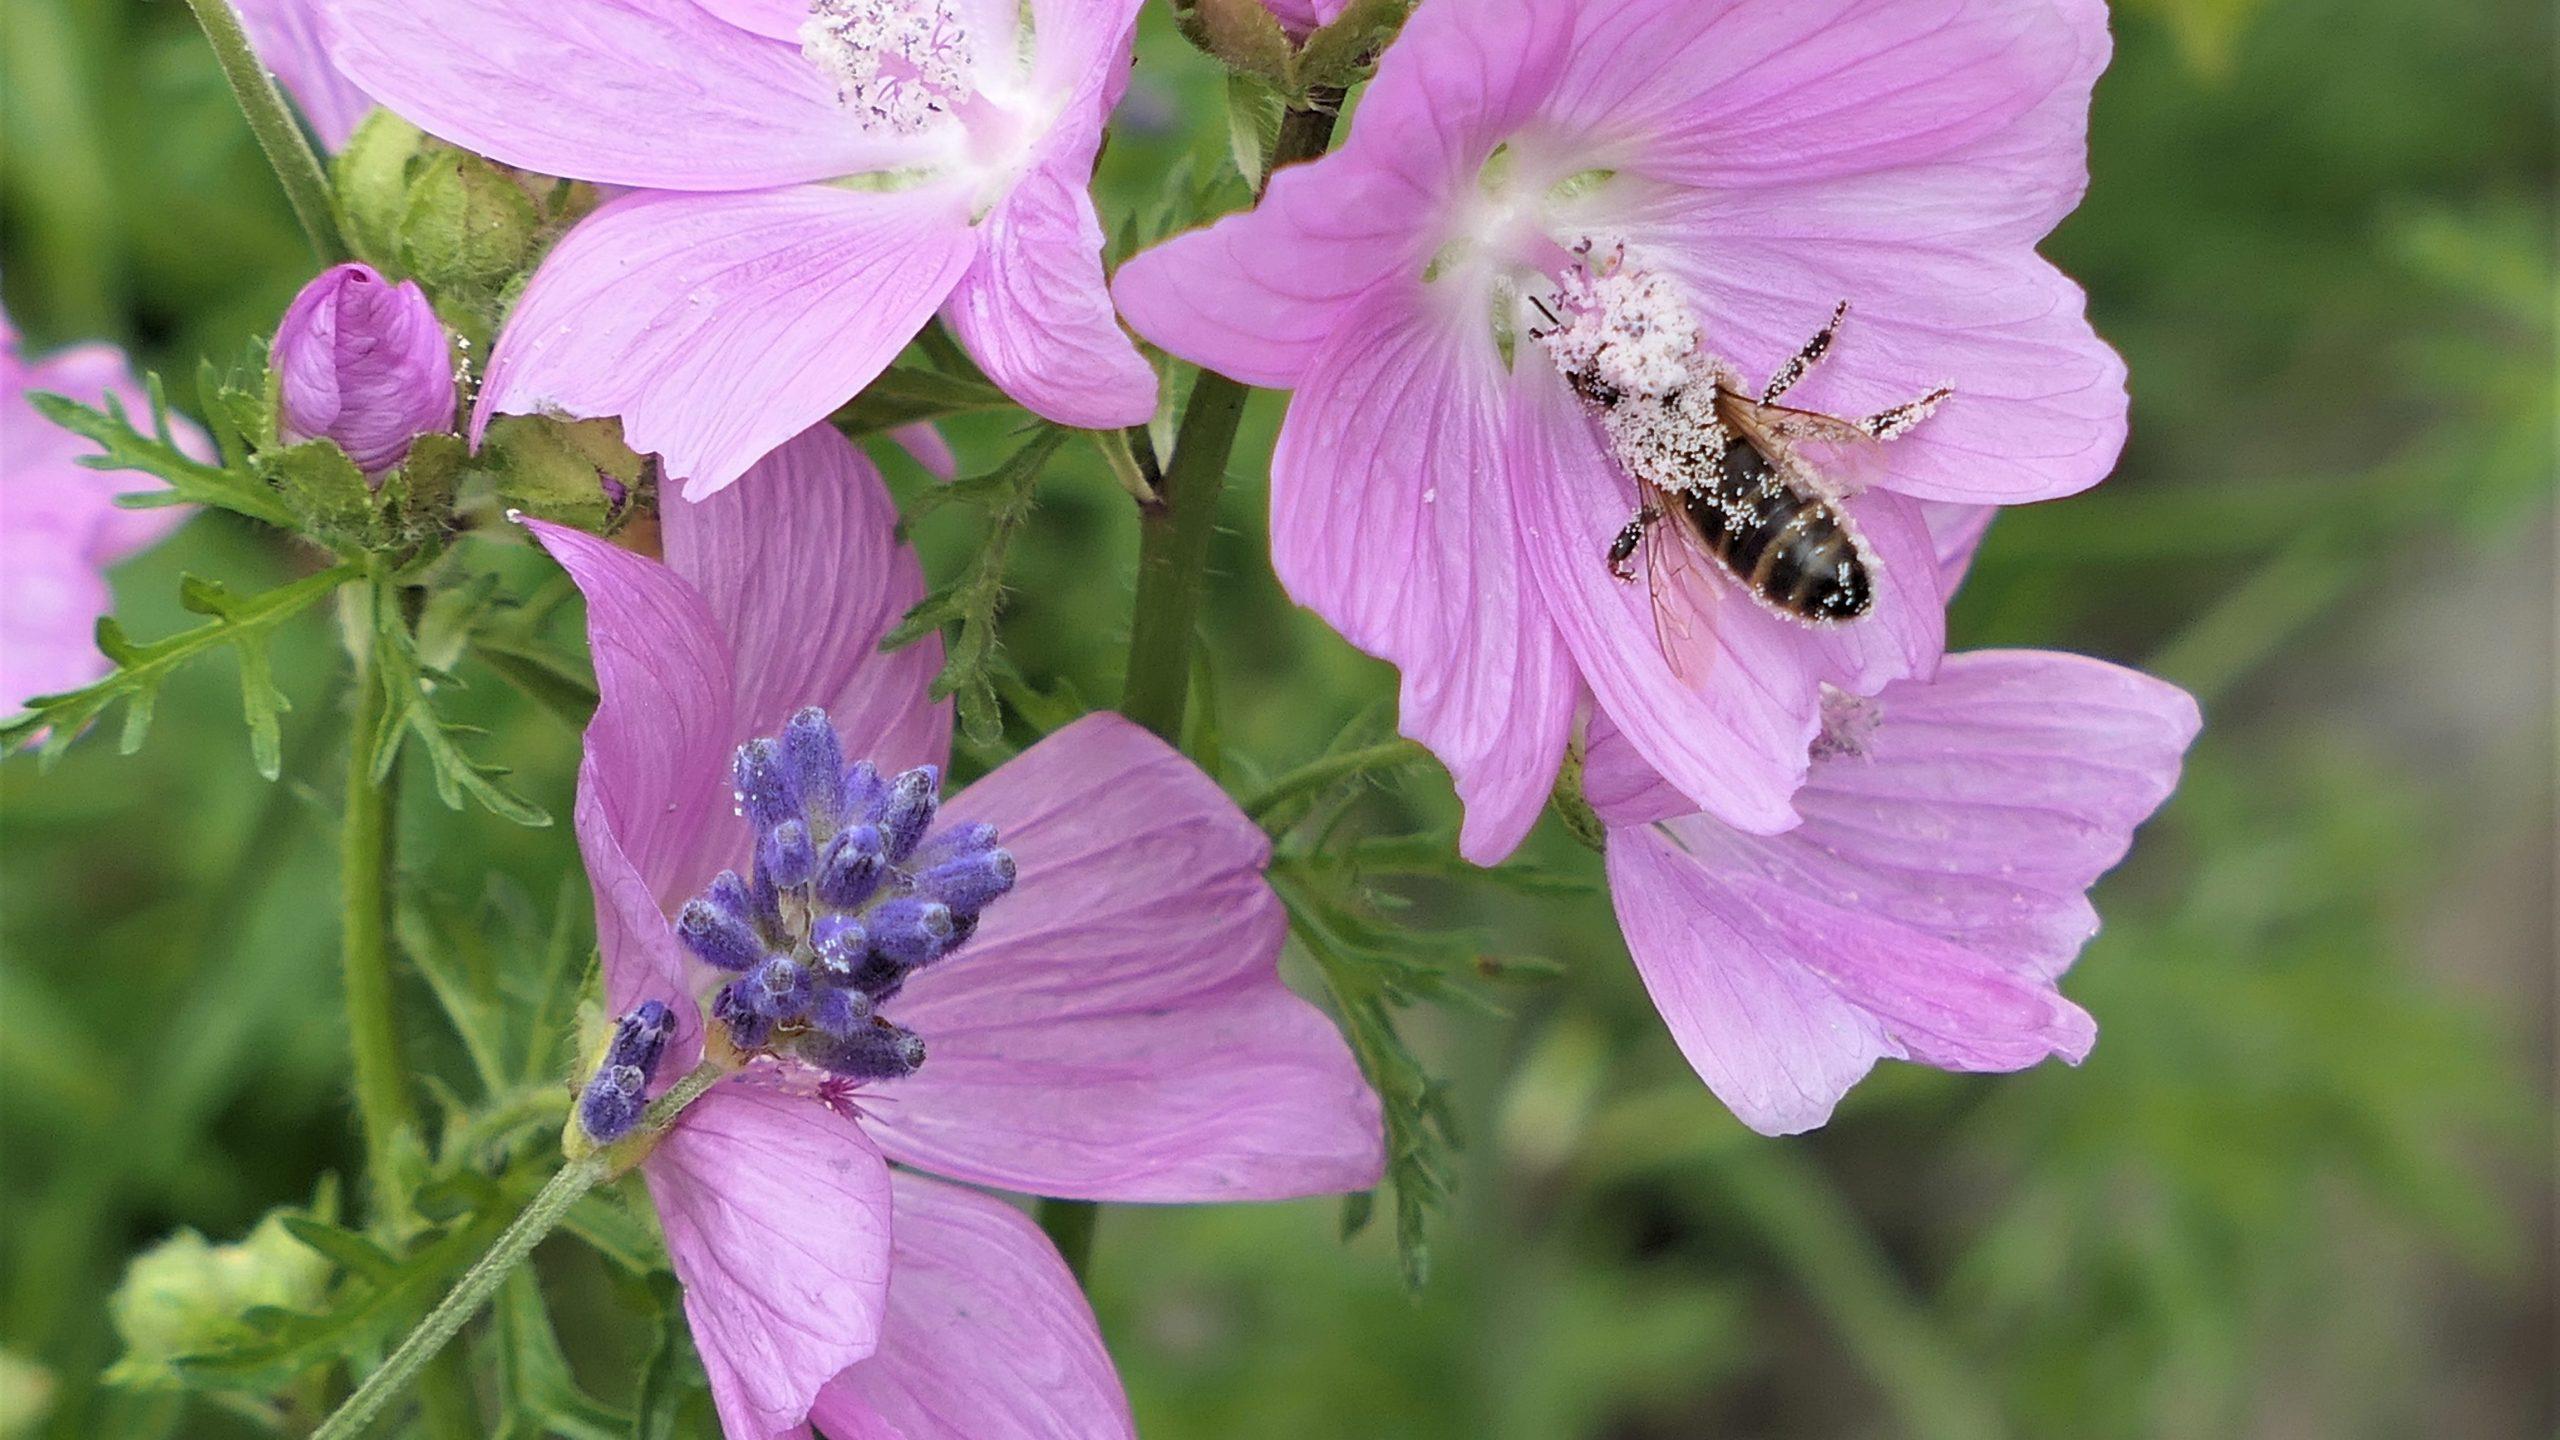 Bee on Pollen